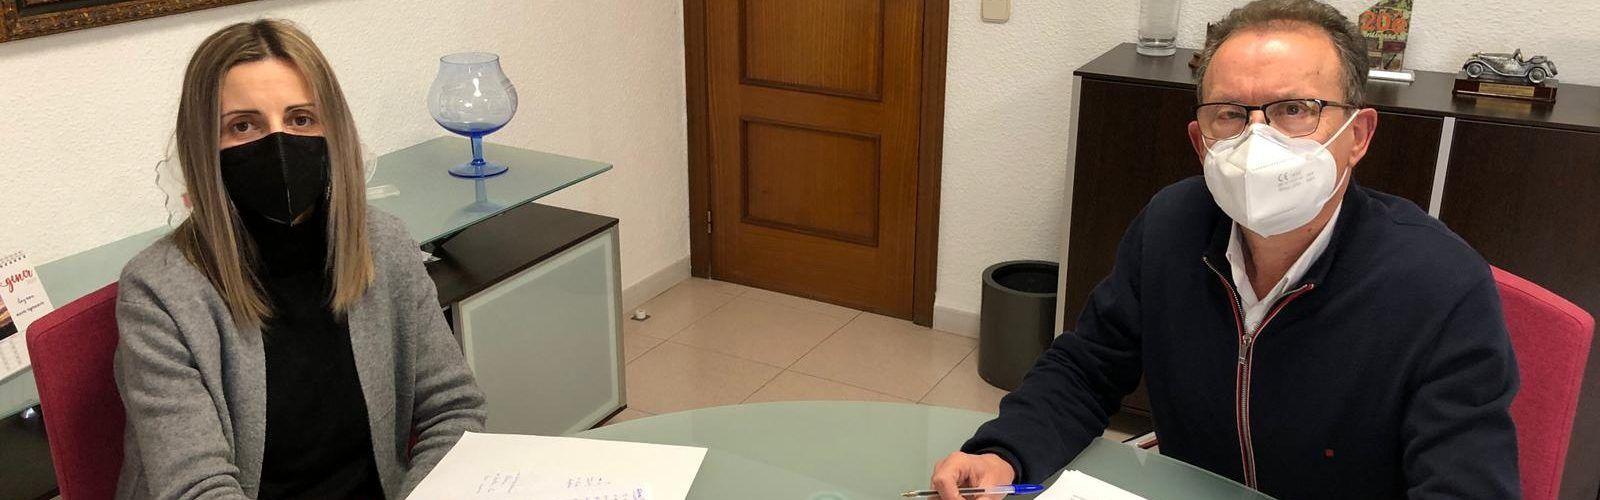 Alcalà-Alcossebre s'adhereix a les Ajudes Parèntesis de la Generalitat destinades a sectors econòmics afectats per la pandèmia